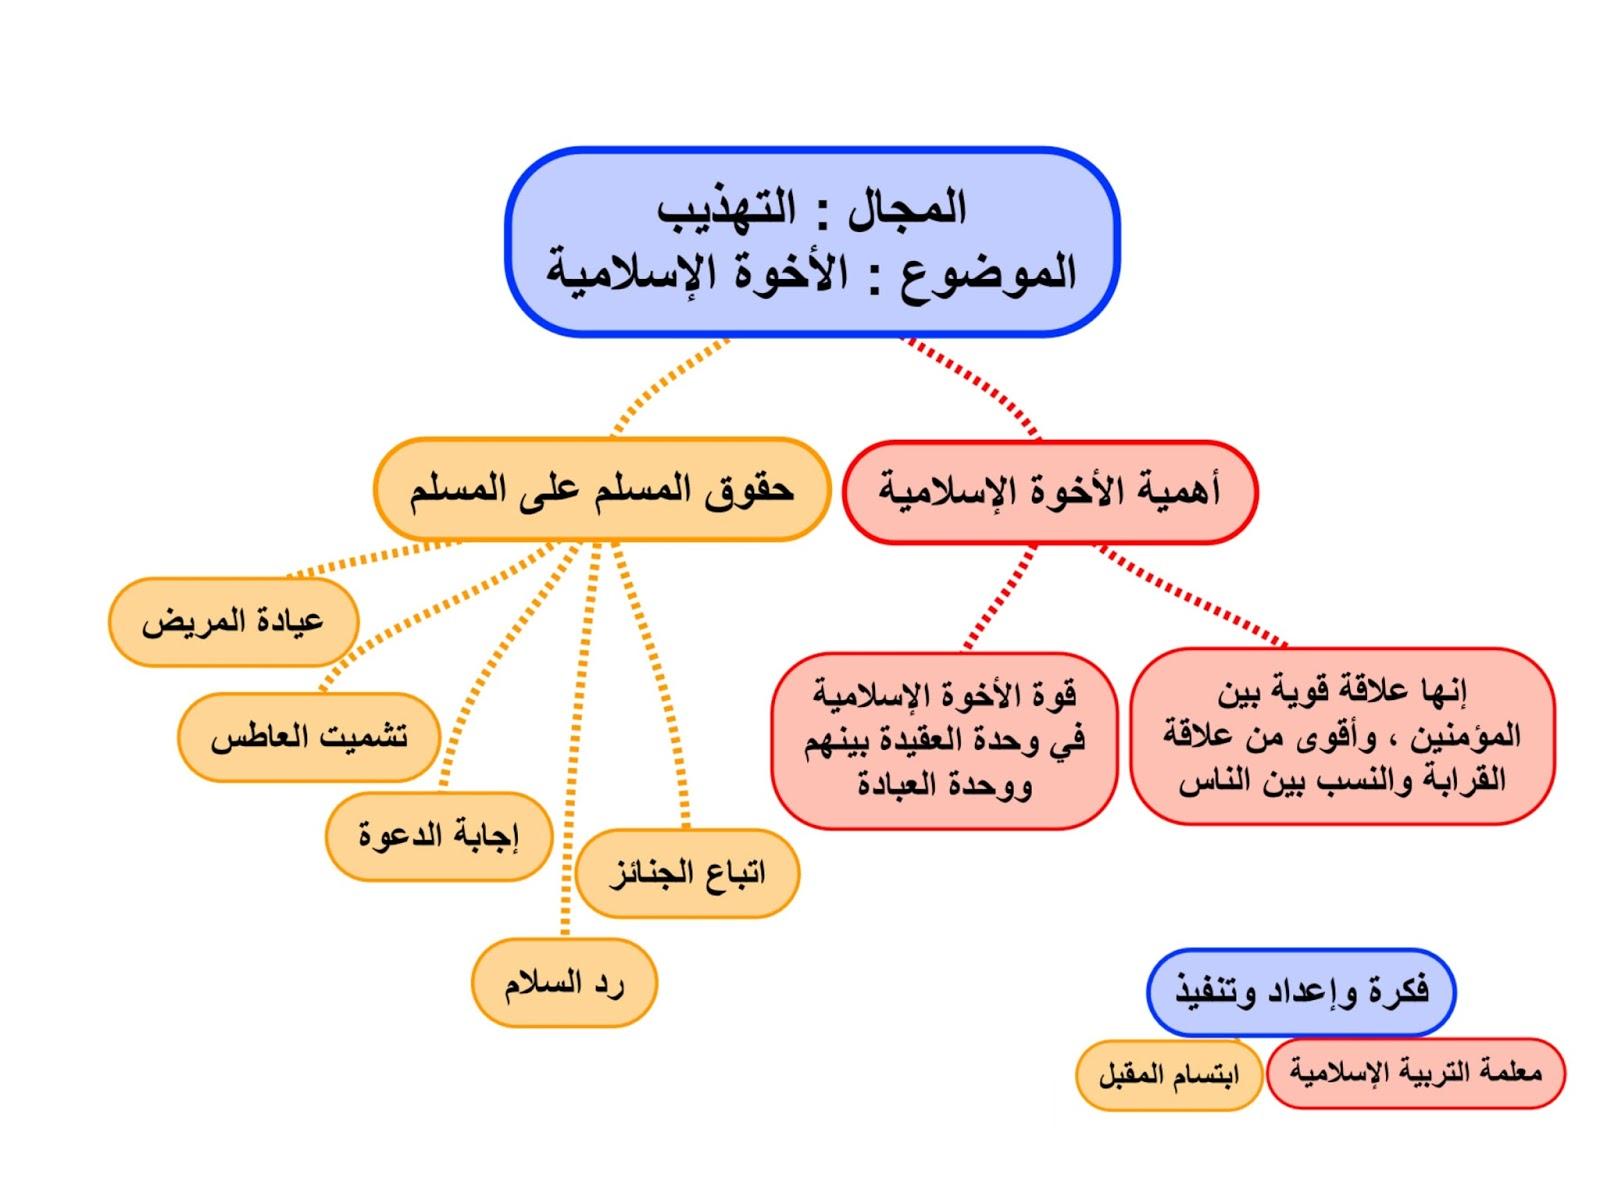 كتاب التربيه الاسلاميه للصف التاسع الفصل الدراسي الثاني